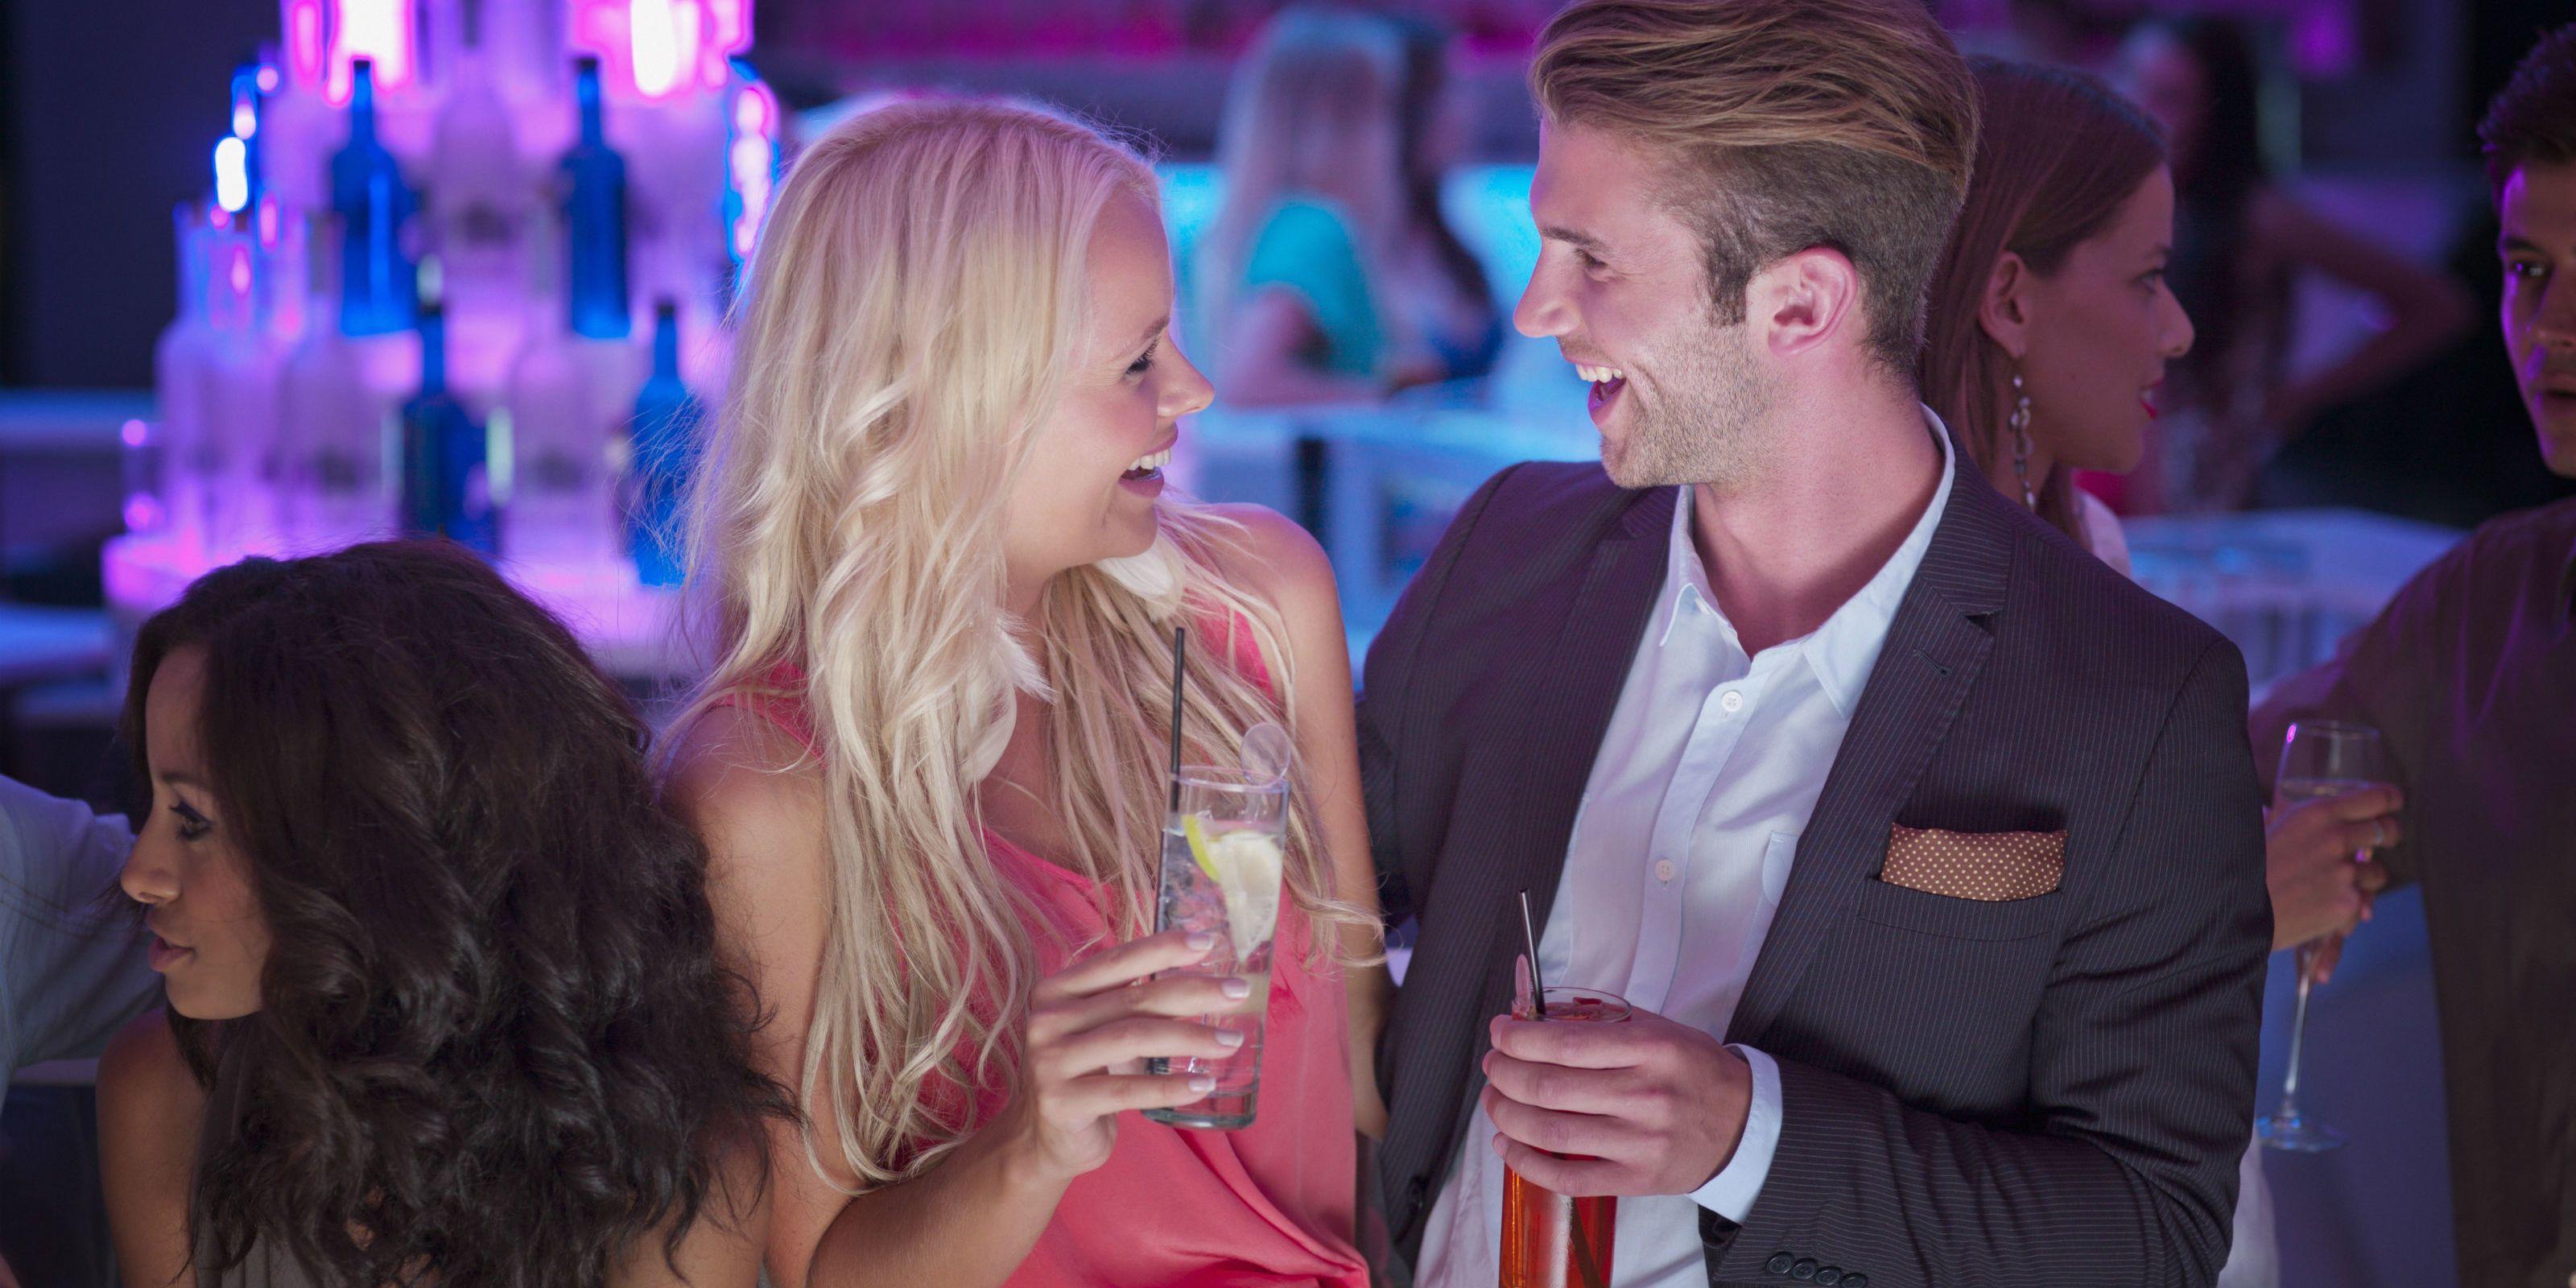 buone domande dating online incontri Bali Indonesia